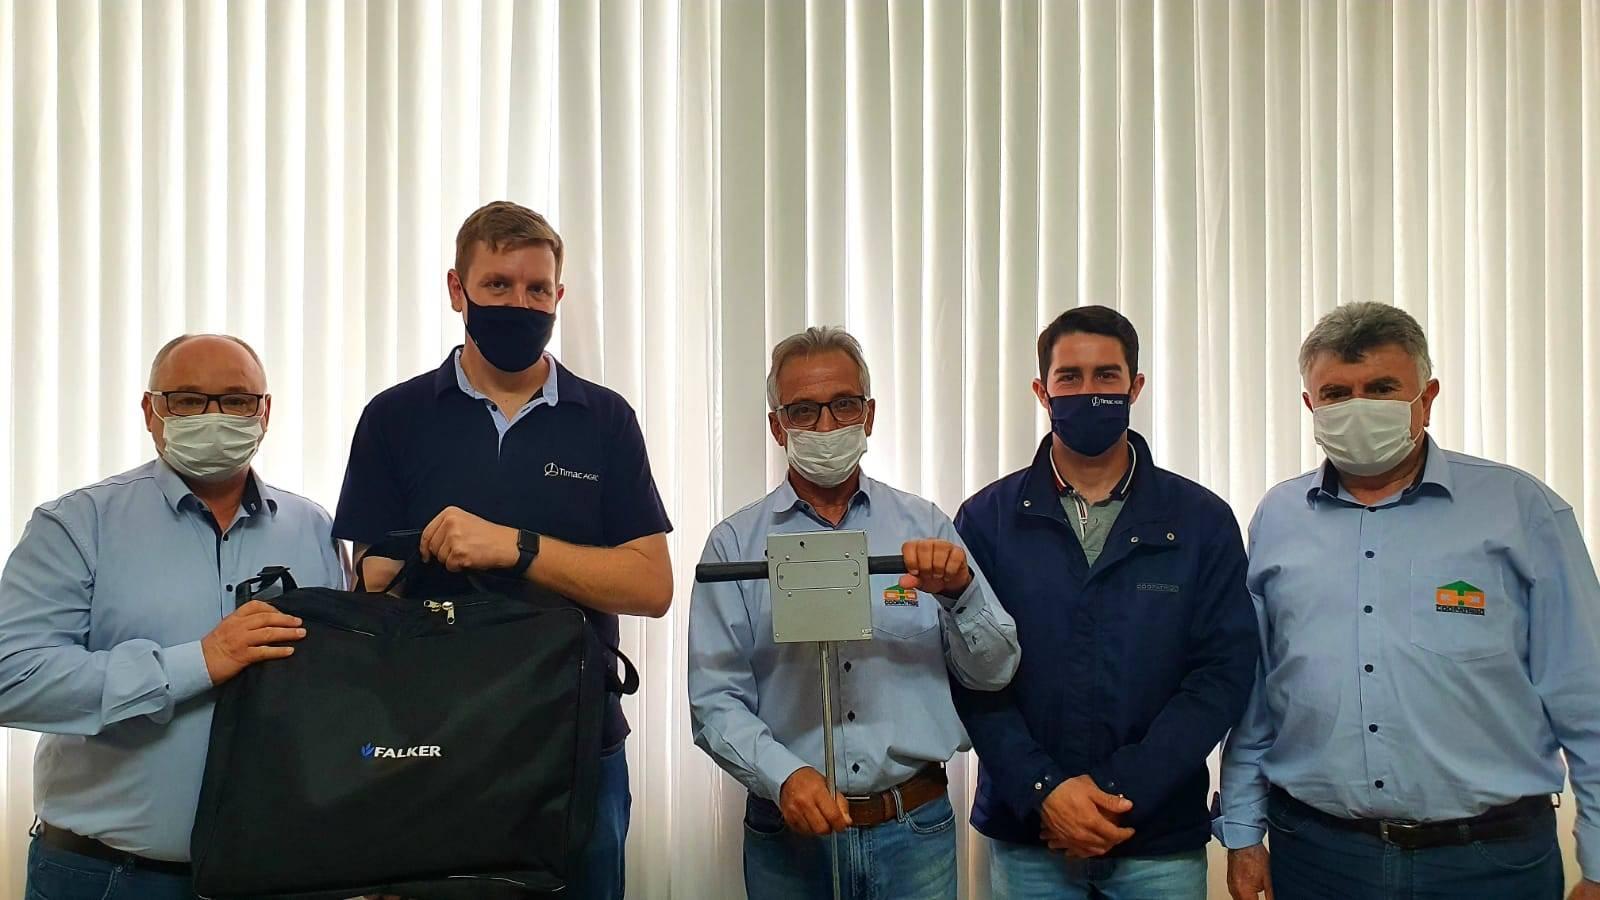 Coopatrigo recebe equipamentos para medir compactação do solo